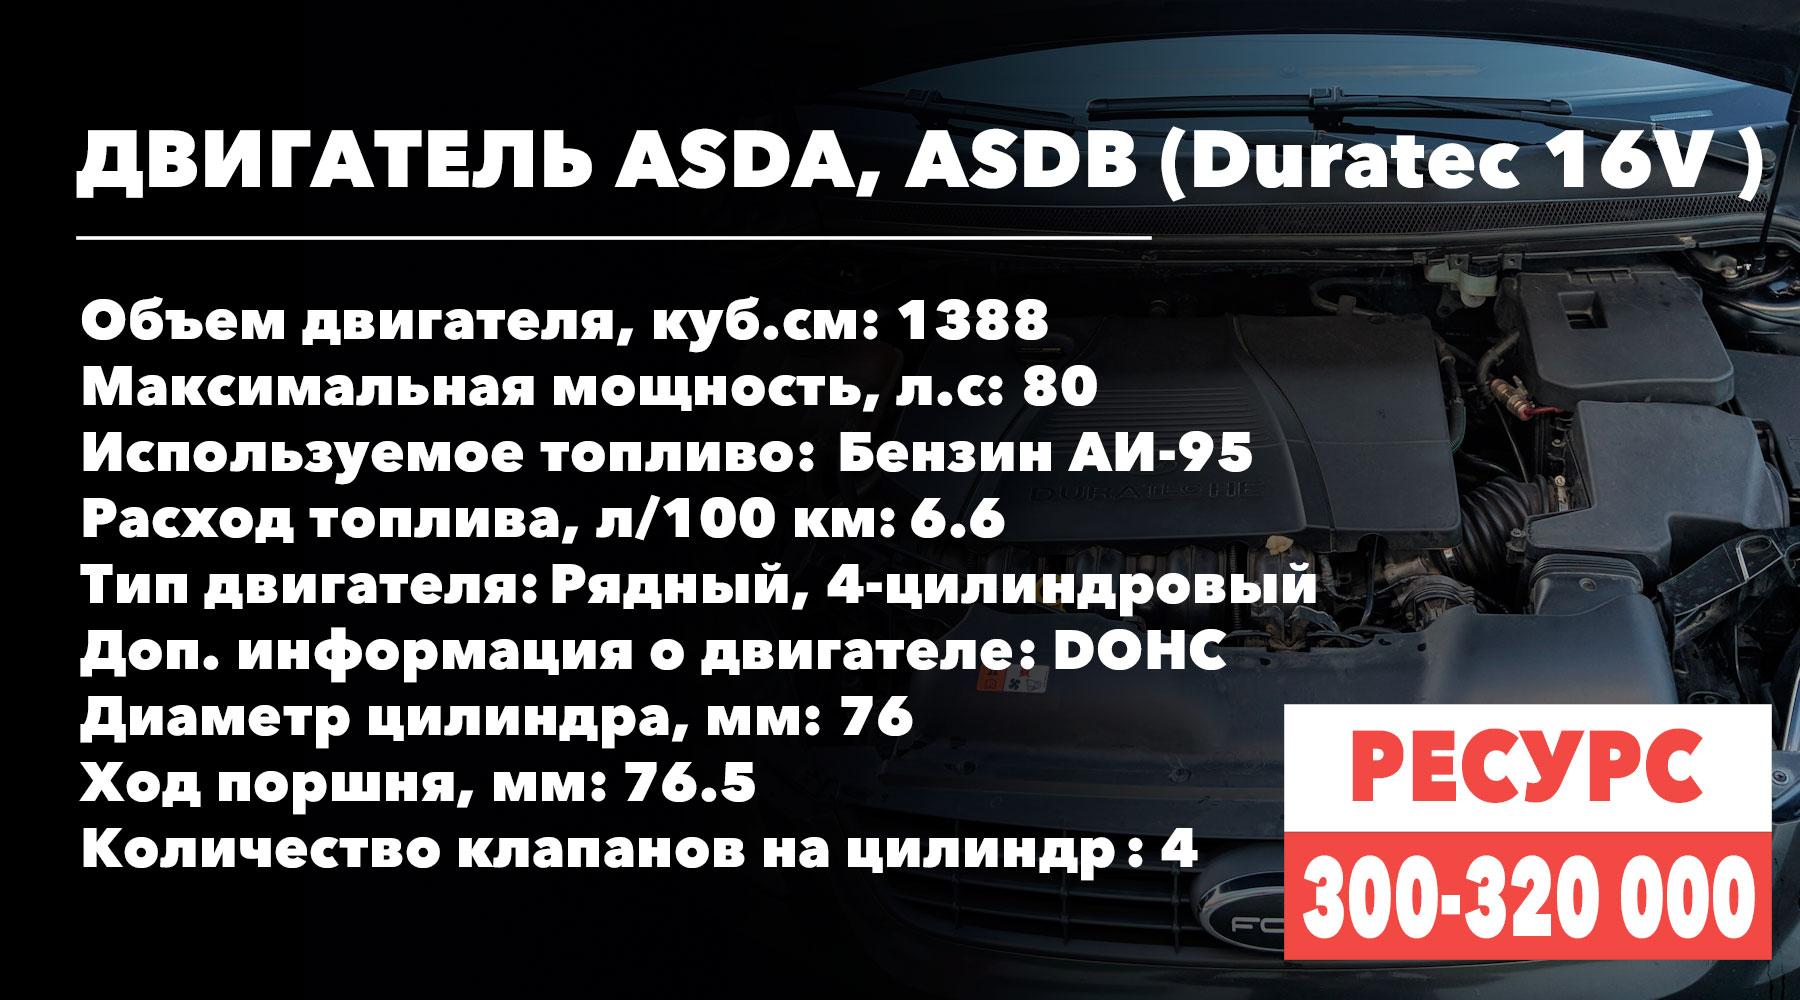 Ресурс 1.4 литрового двигателя Duratec 16V Форд Фокус